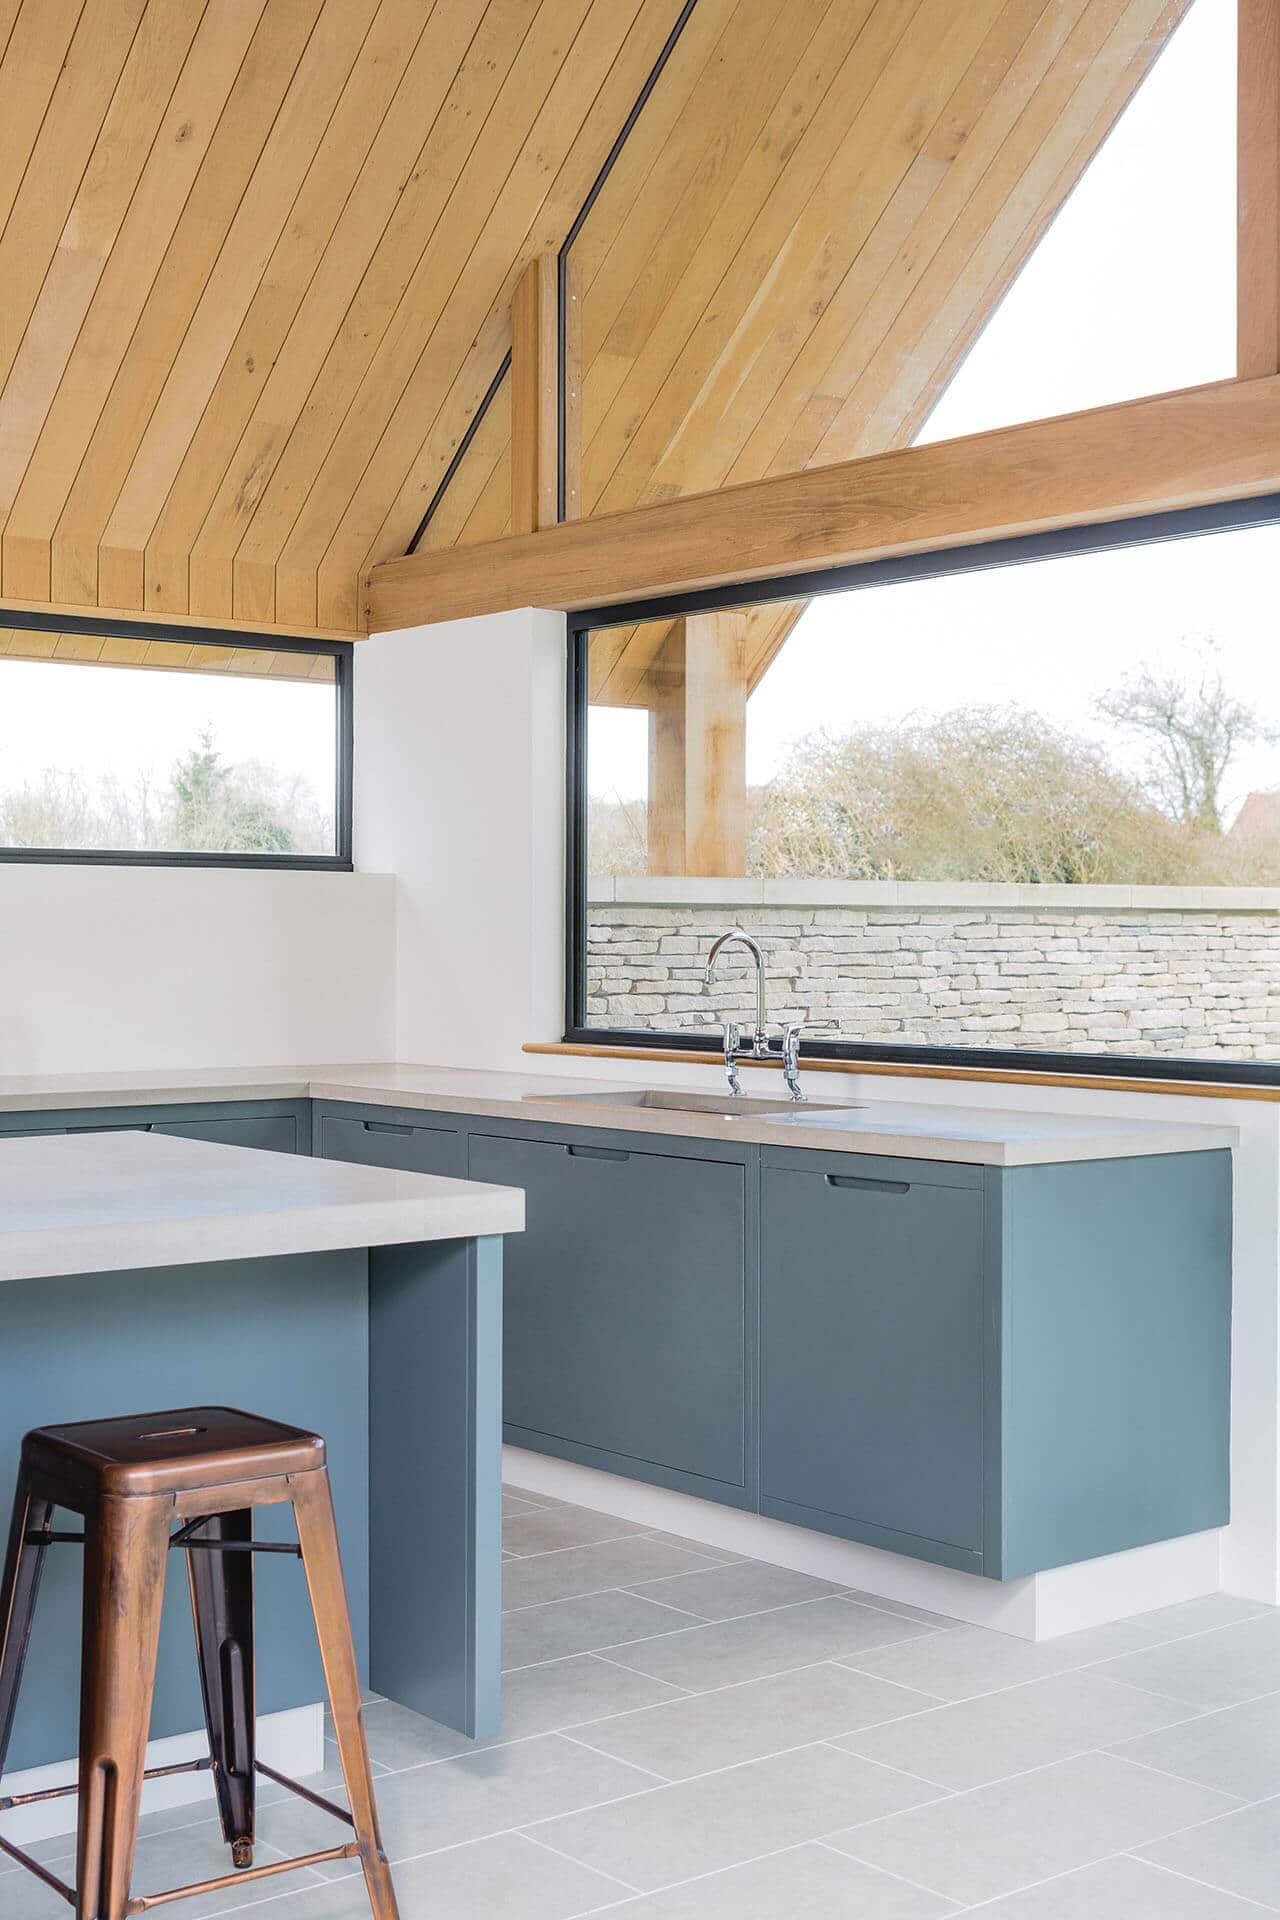 The Vine House, Minimalist, Modern Kitchen